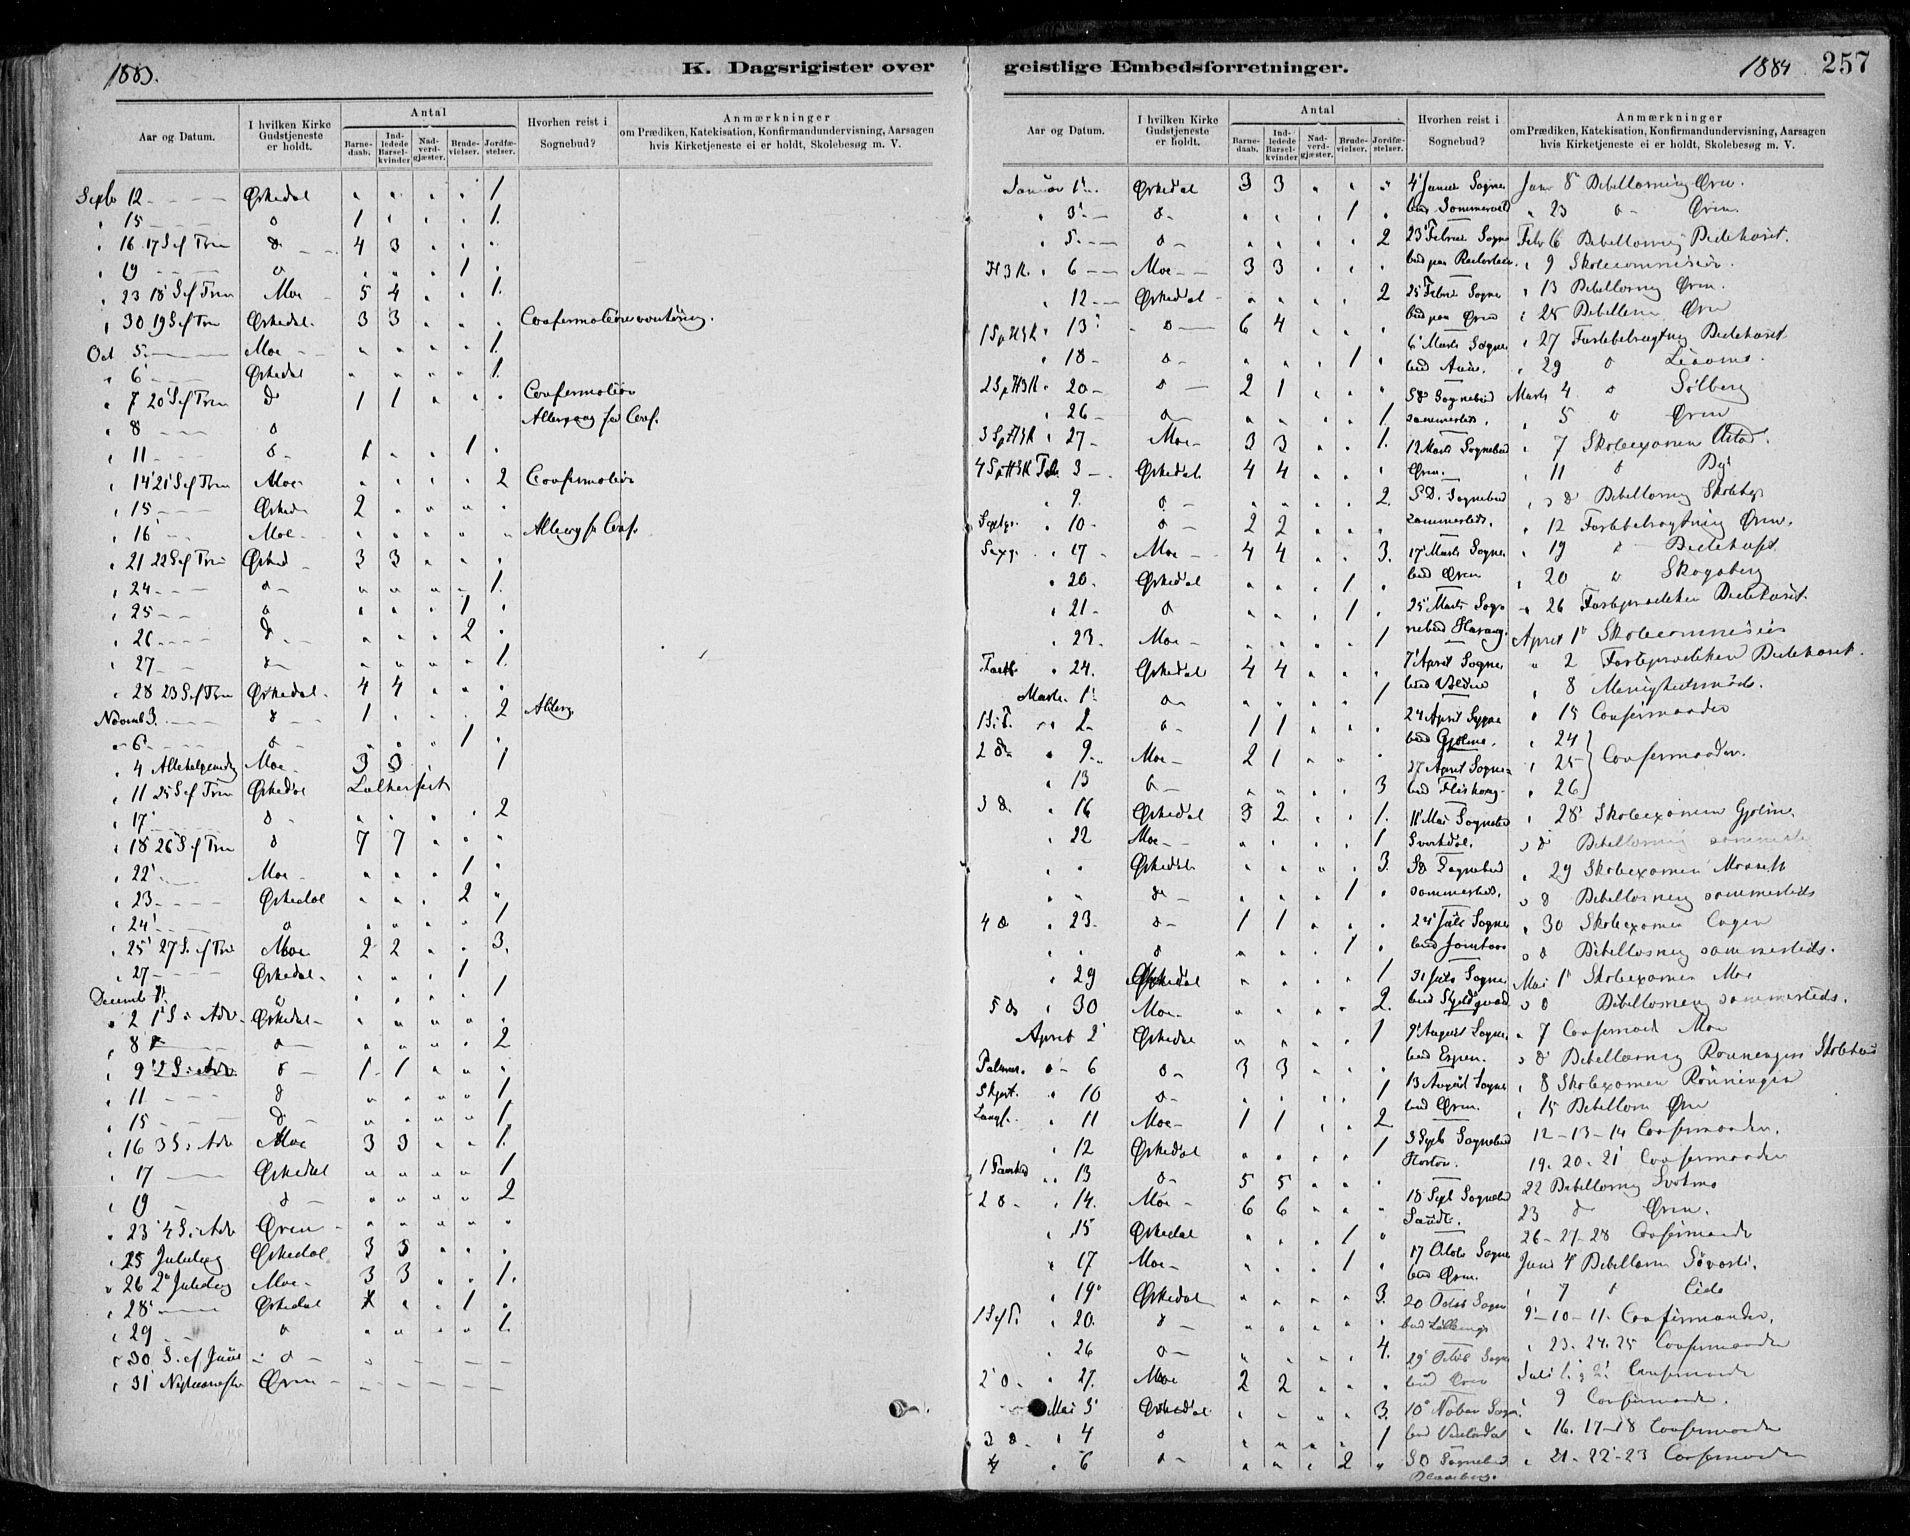 SAT, Ministerialprotokoller, klokkerbøker og fødselsregistre - Sør-Trøndelag, 668/L0810: Ministerialbok nr. 668A10, 1881-1894, s. 257